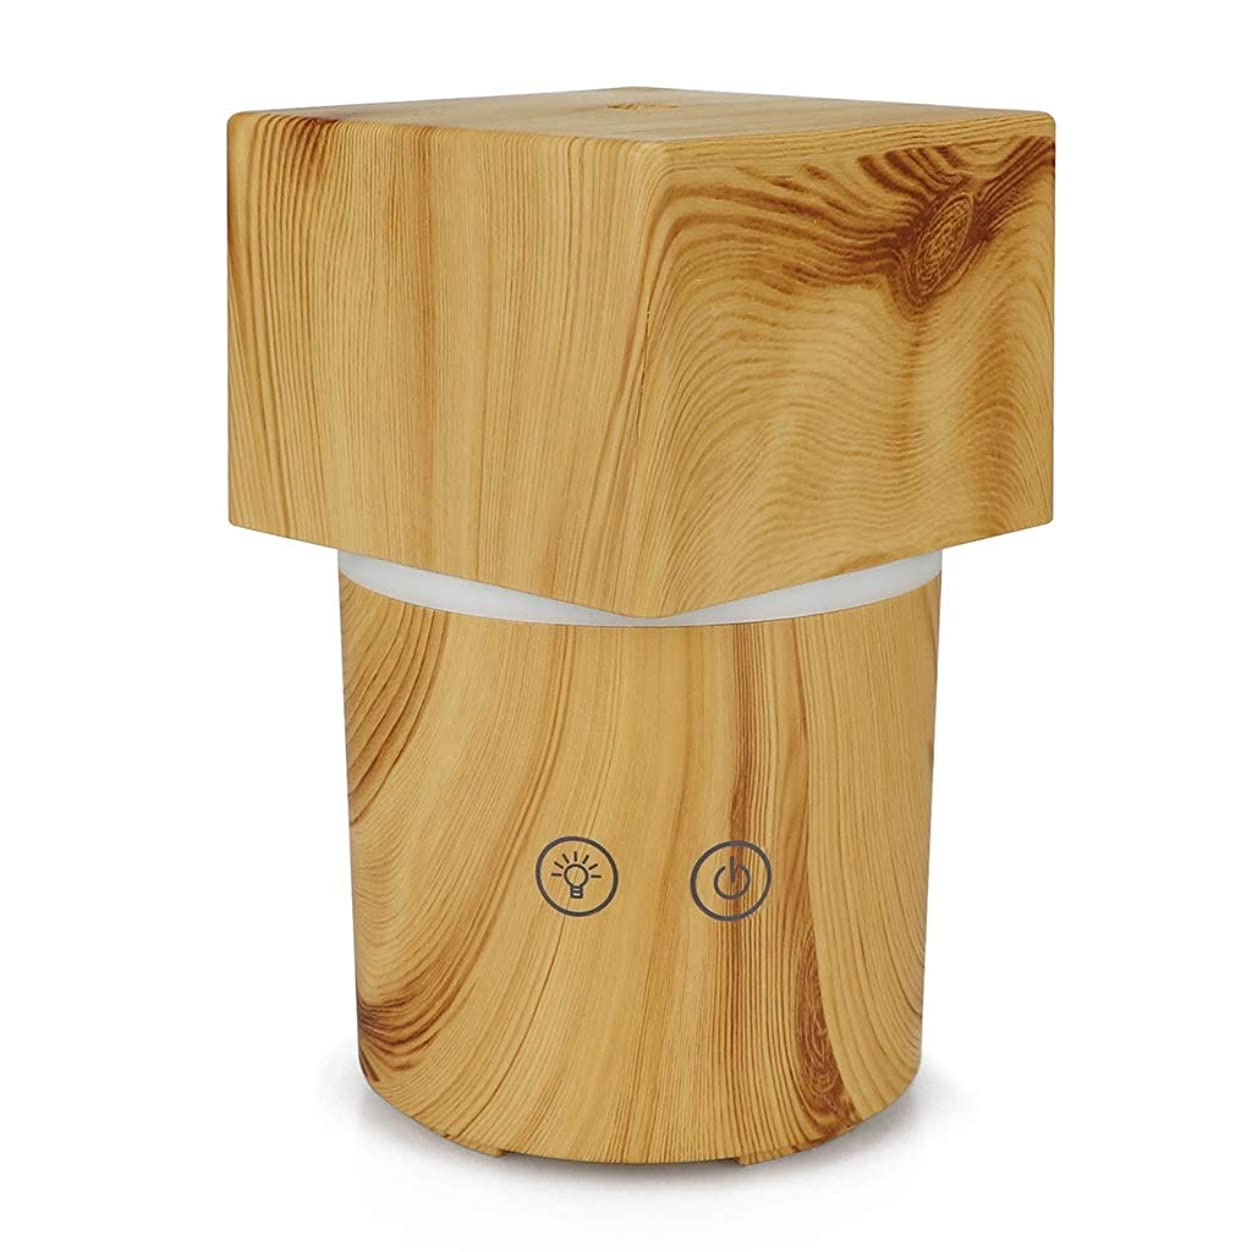 戸棚事実アベニューリードディフューザー 超音波加湿アロママシンクリエイティブエッセンシャルオイルインテリジェントカラフルなホームデスクトップミニBluetooth音楽加湿器電子ディフューザーミニサイレント加湿器 YHDD (Color : C)